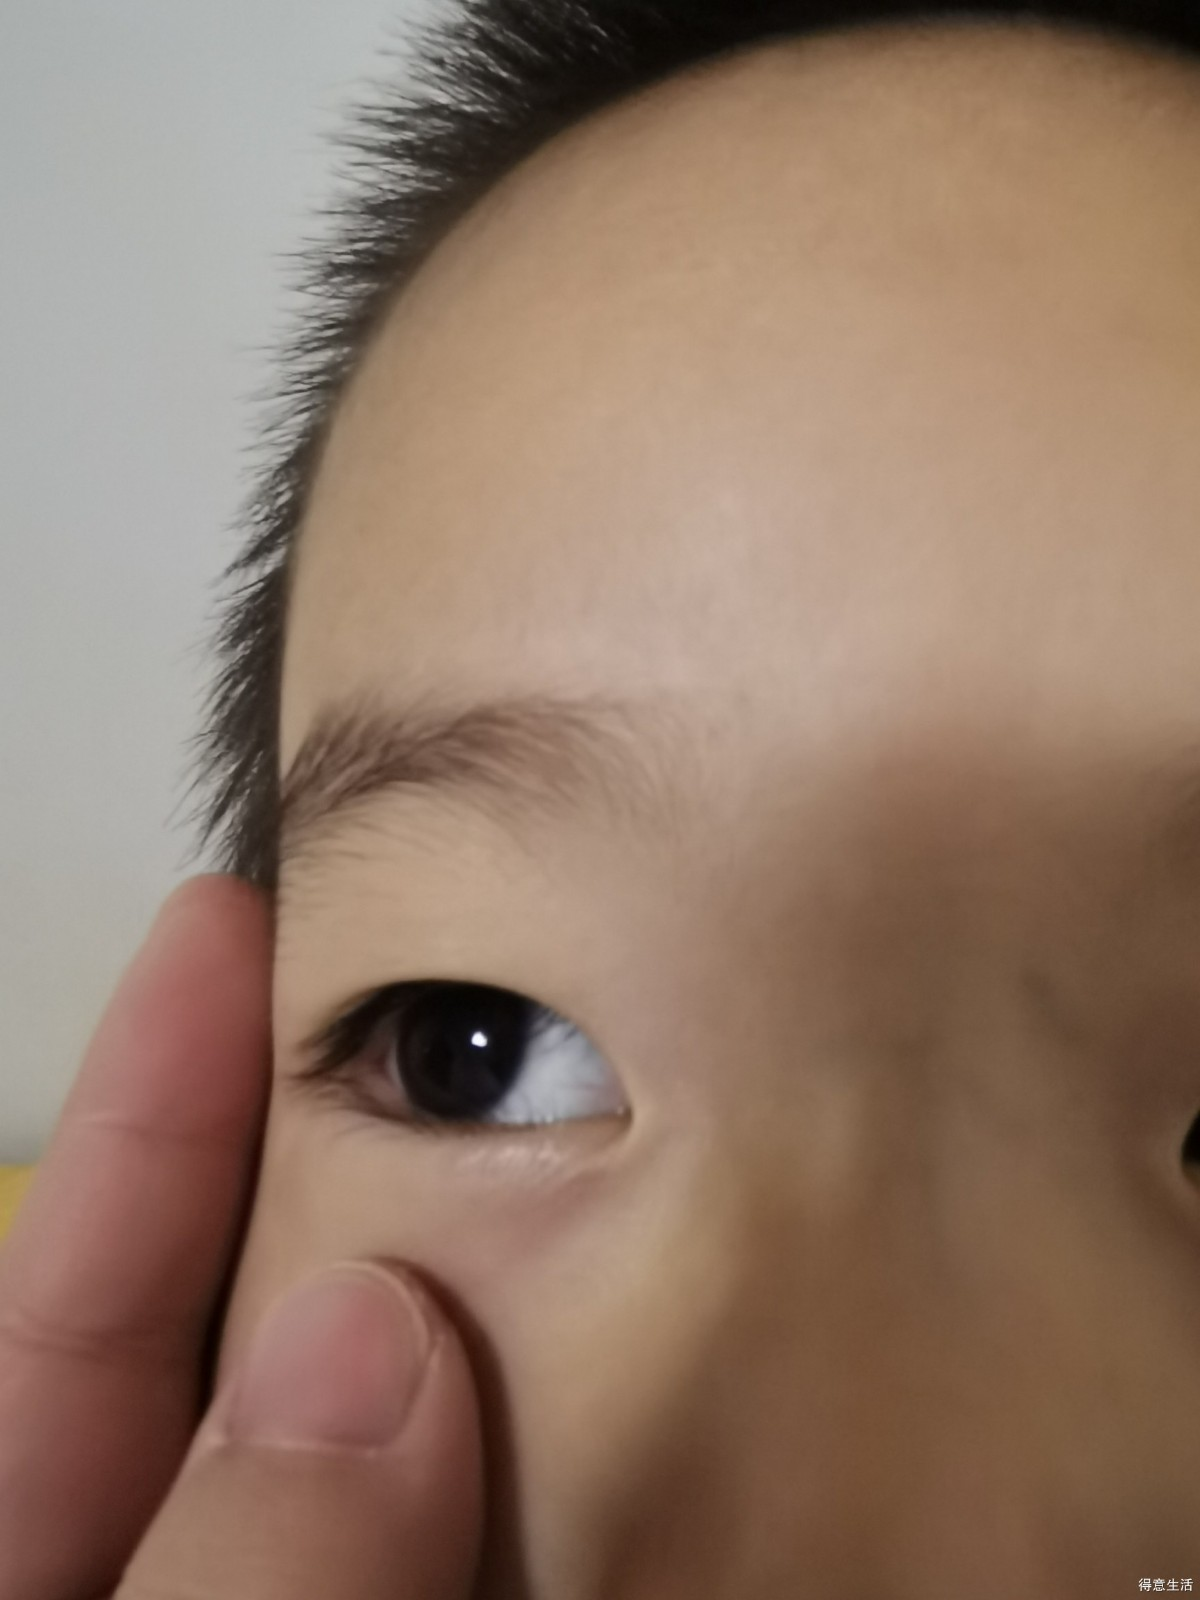 孩子要做倒睫手术,选择哪个医院好,另外有好的医生推荐么?